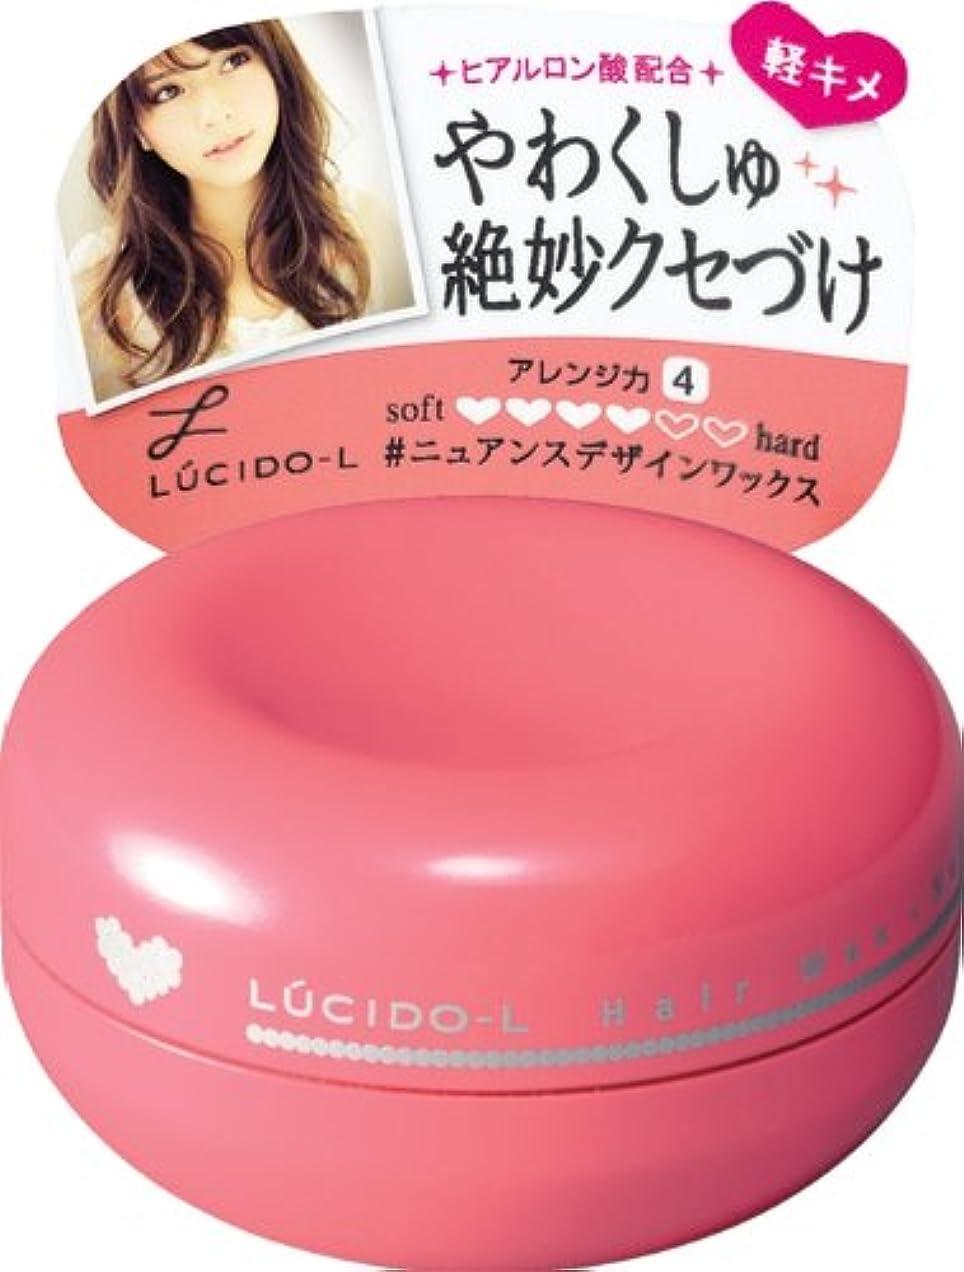 極小タヒチ薬用LUCIDO-L(ルシードエル) #ニュアンスデザインワックス 60g